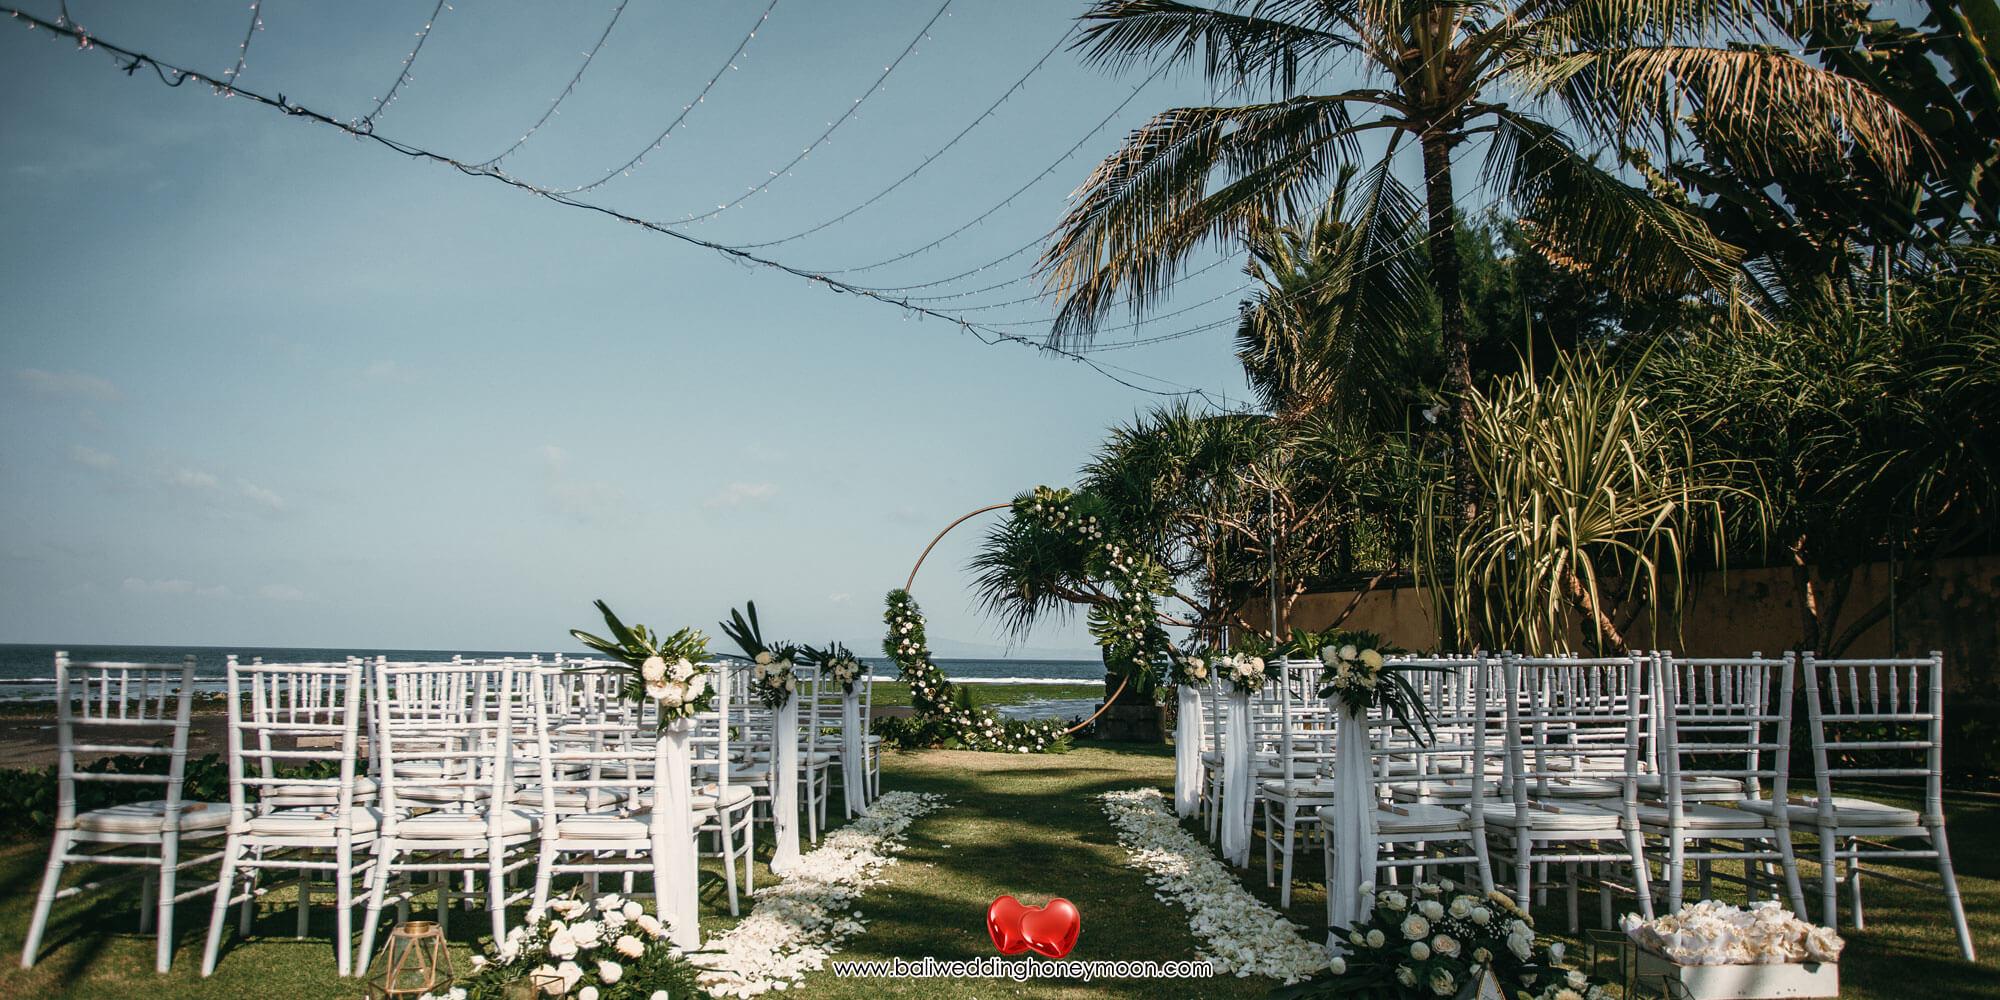 weddingvenuebali-villawedding-baliweddinghoneymoon-baliweddingorganizer-baliweddingplanner-baliweddingpackage-pushpapuri5